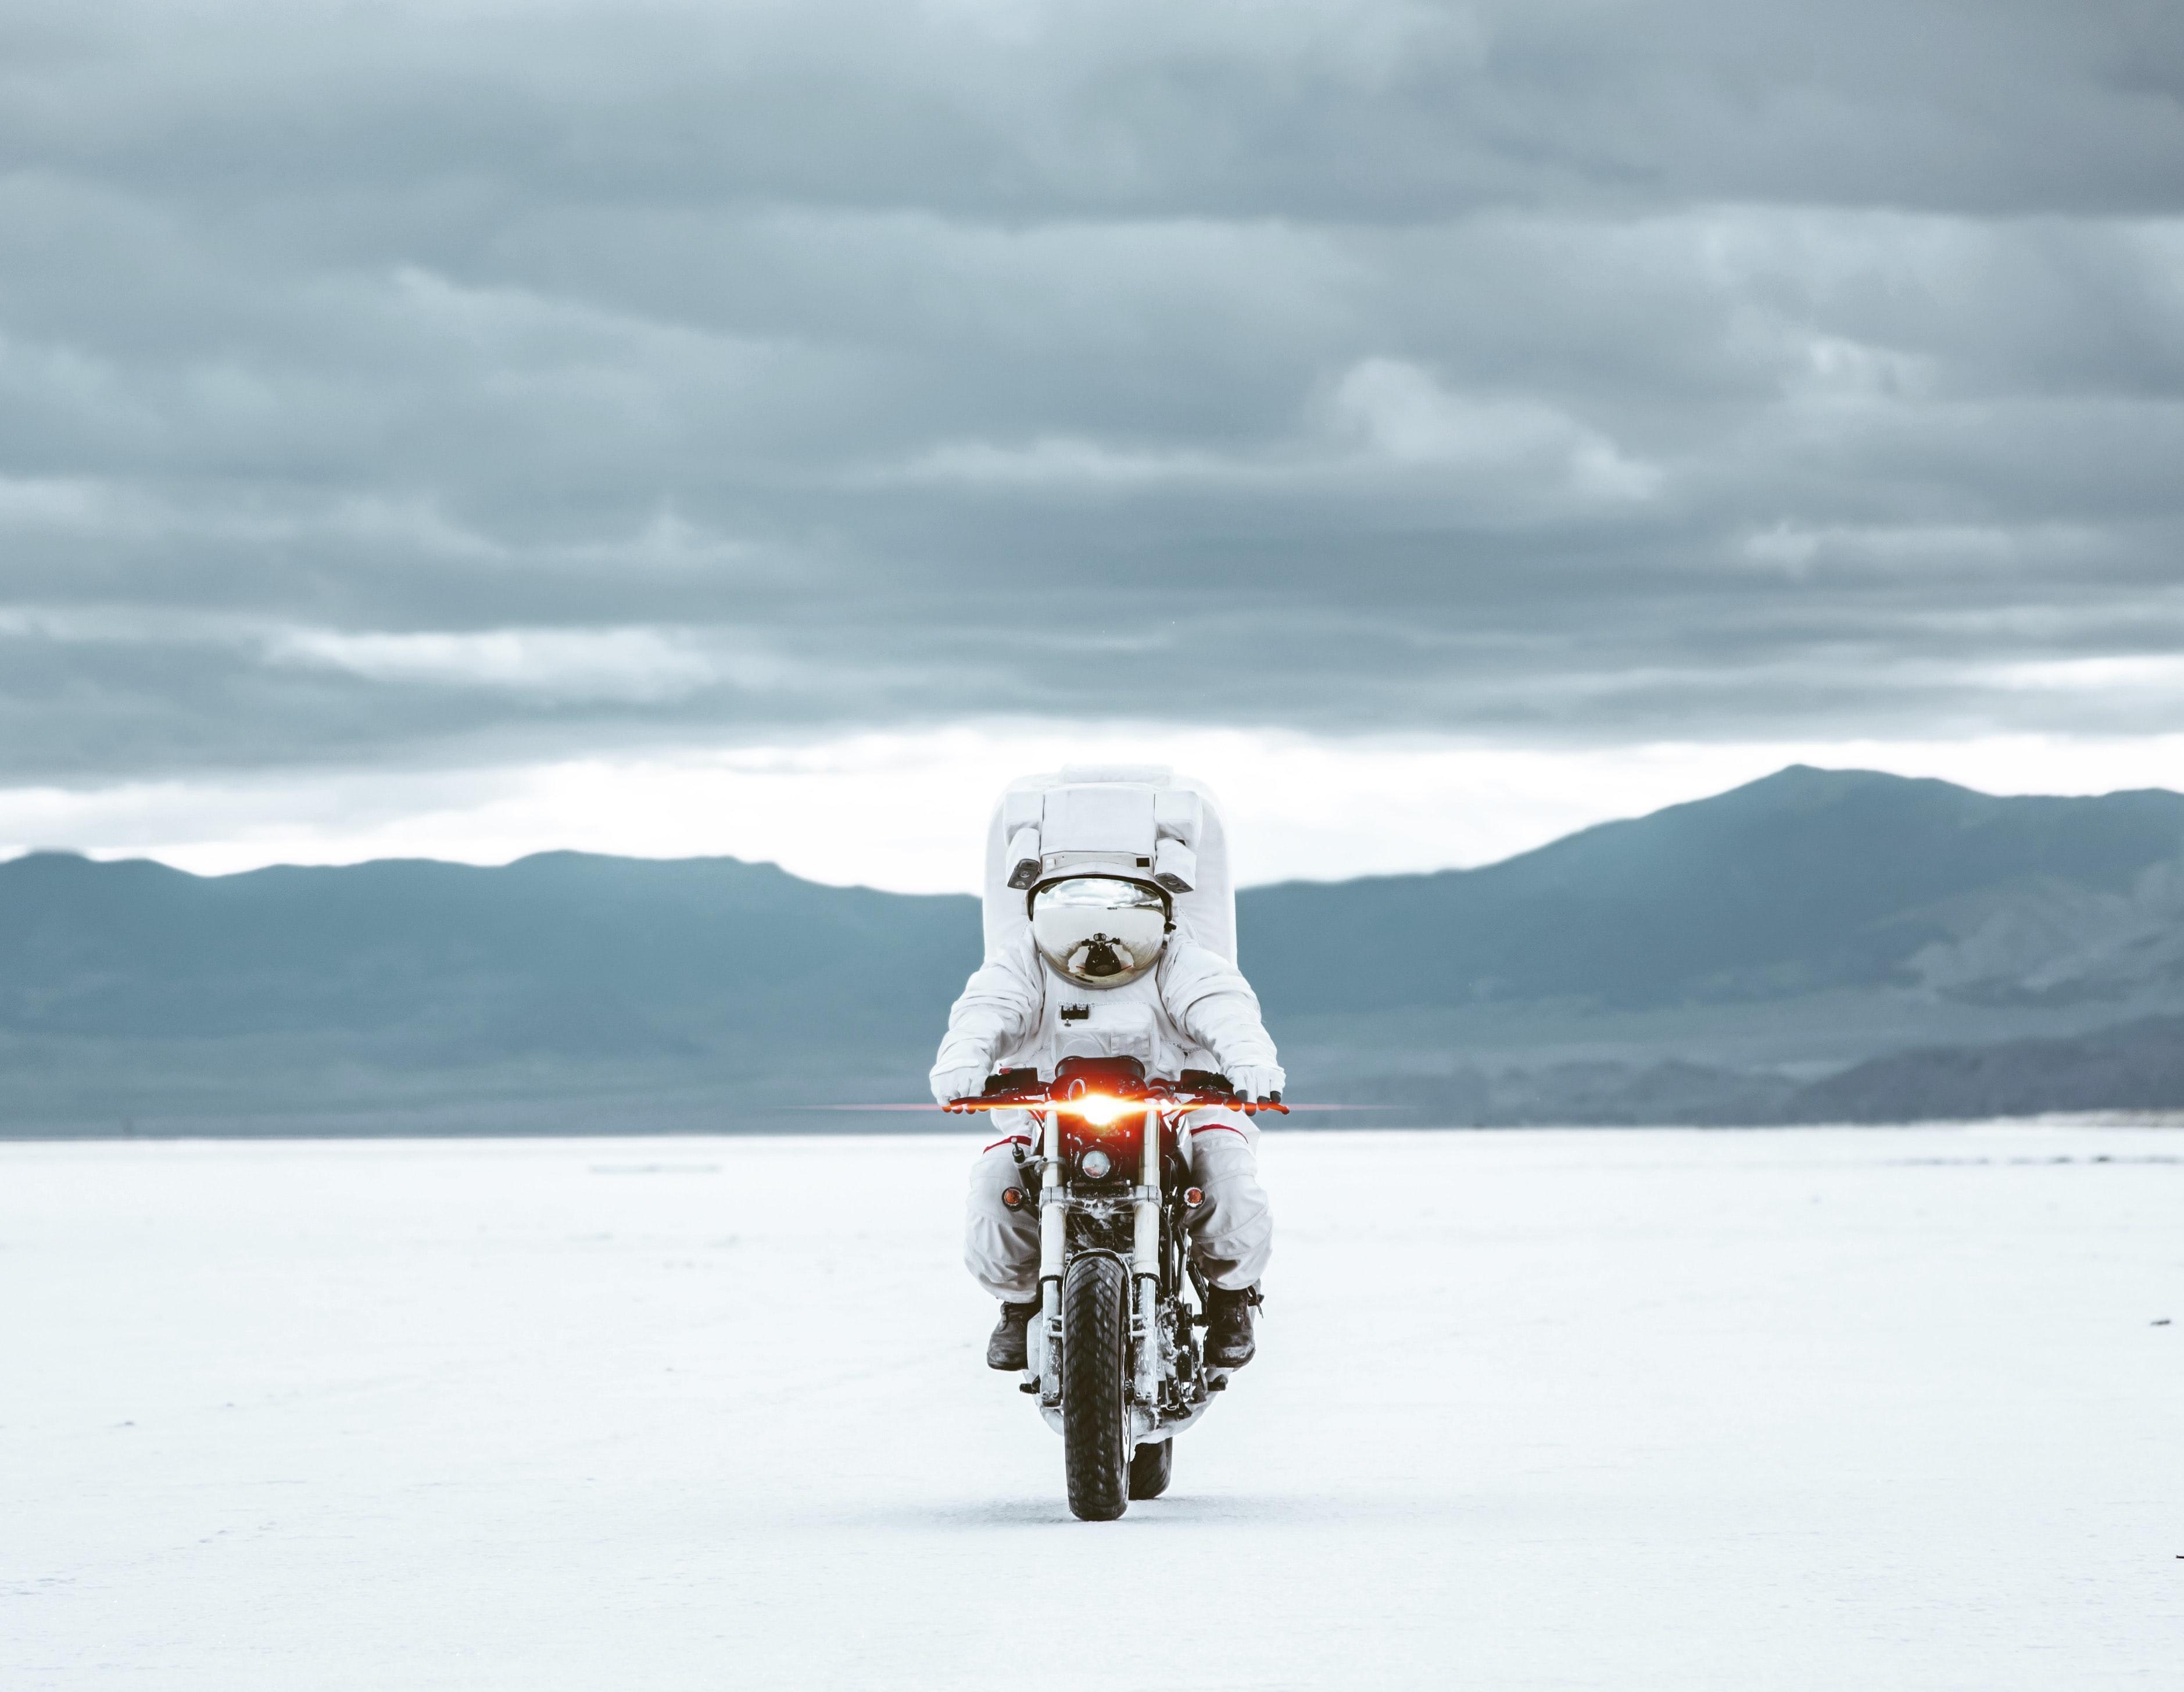 144324 Заставки и Обои Мотоциклы на телефон. Скачать Мотоциклы, Мотоцикл, Космонавт, Скафандр картинки бесплатно